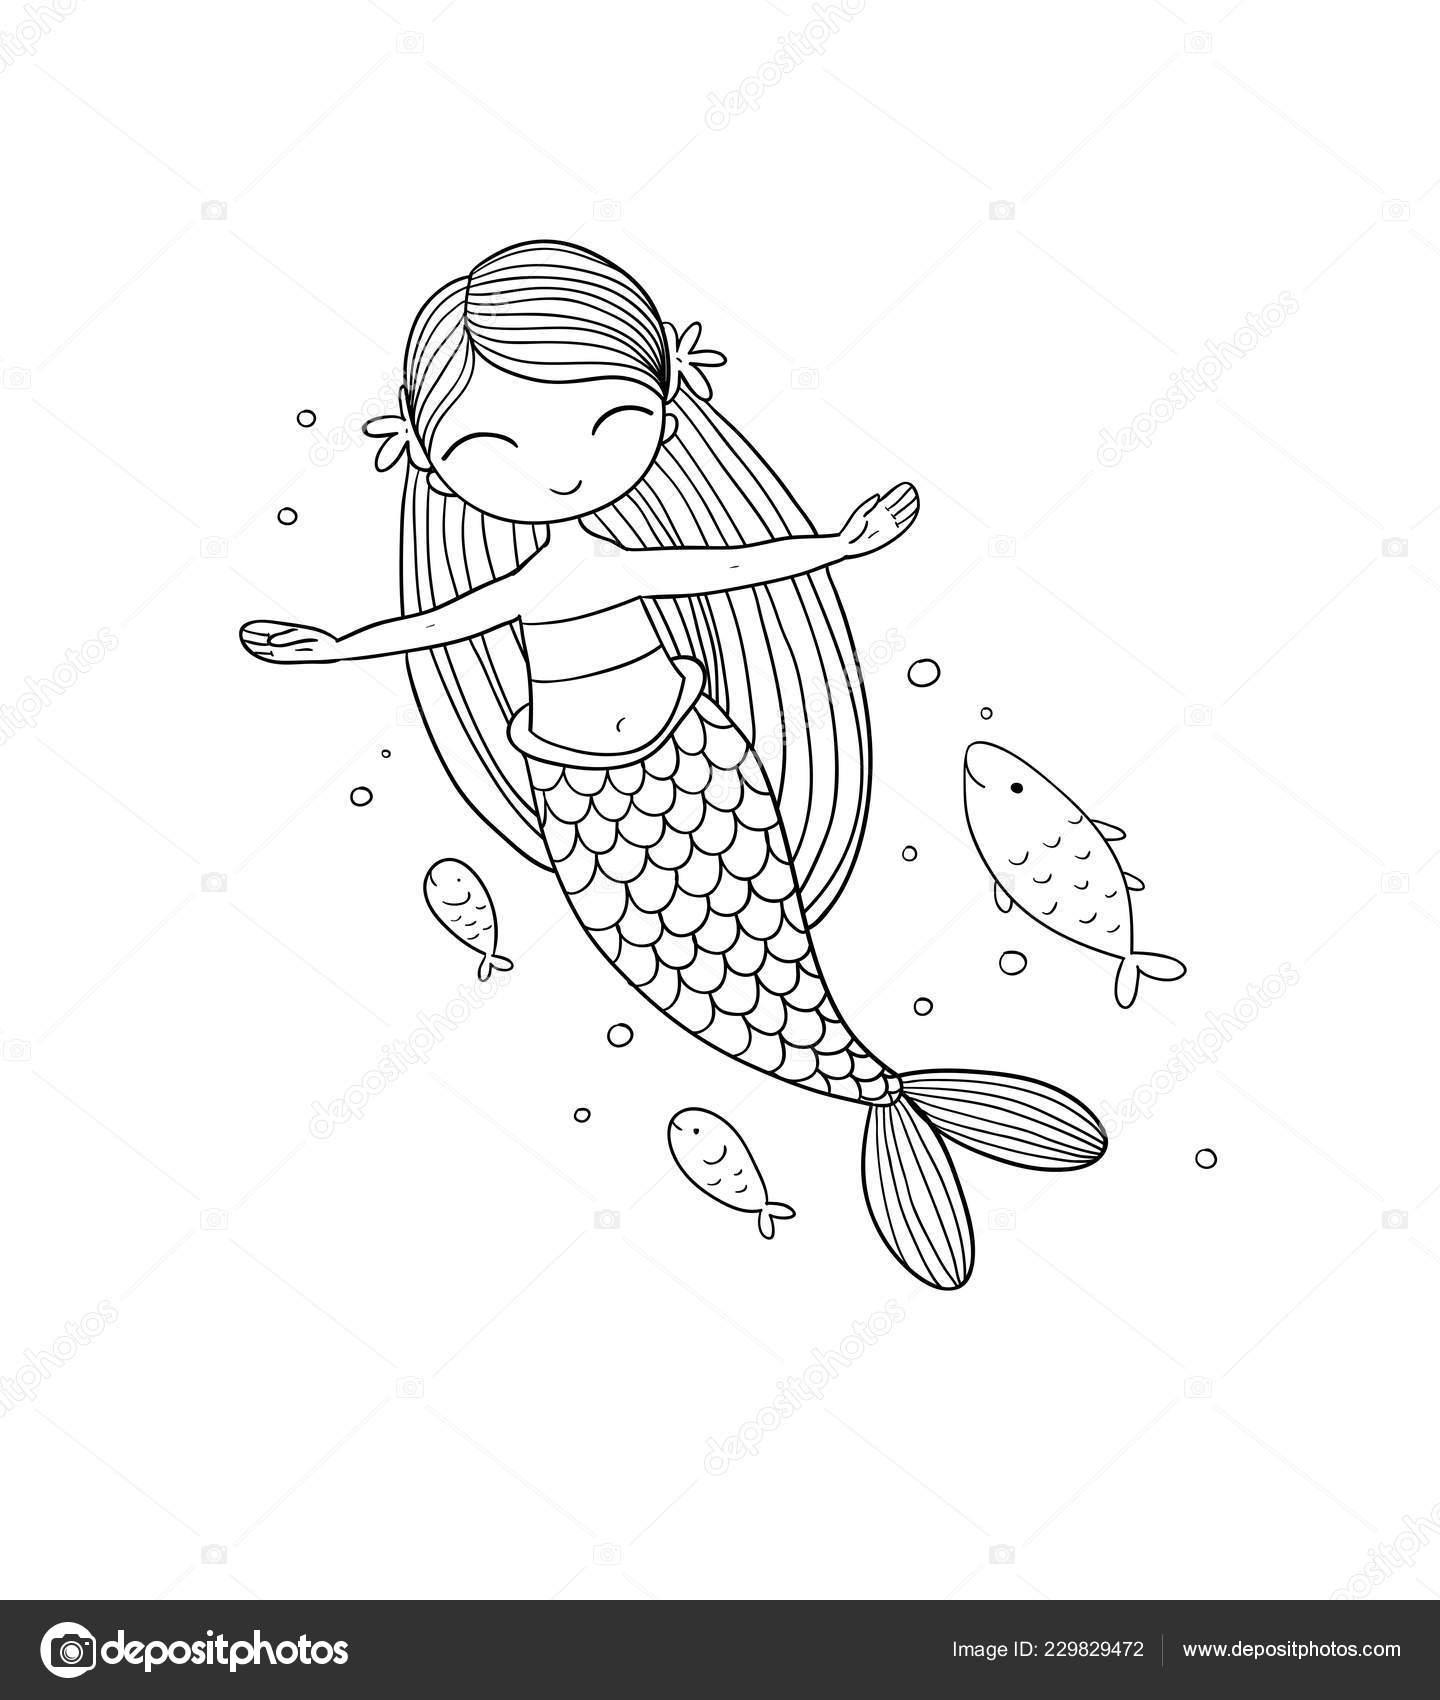 Cute Karikatur Kucuk Deniz Kizi Siren Deniz Tema Stok Vektor